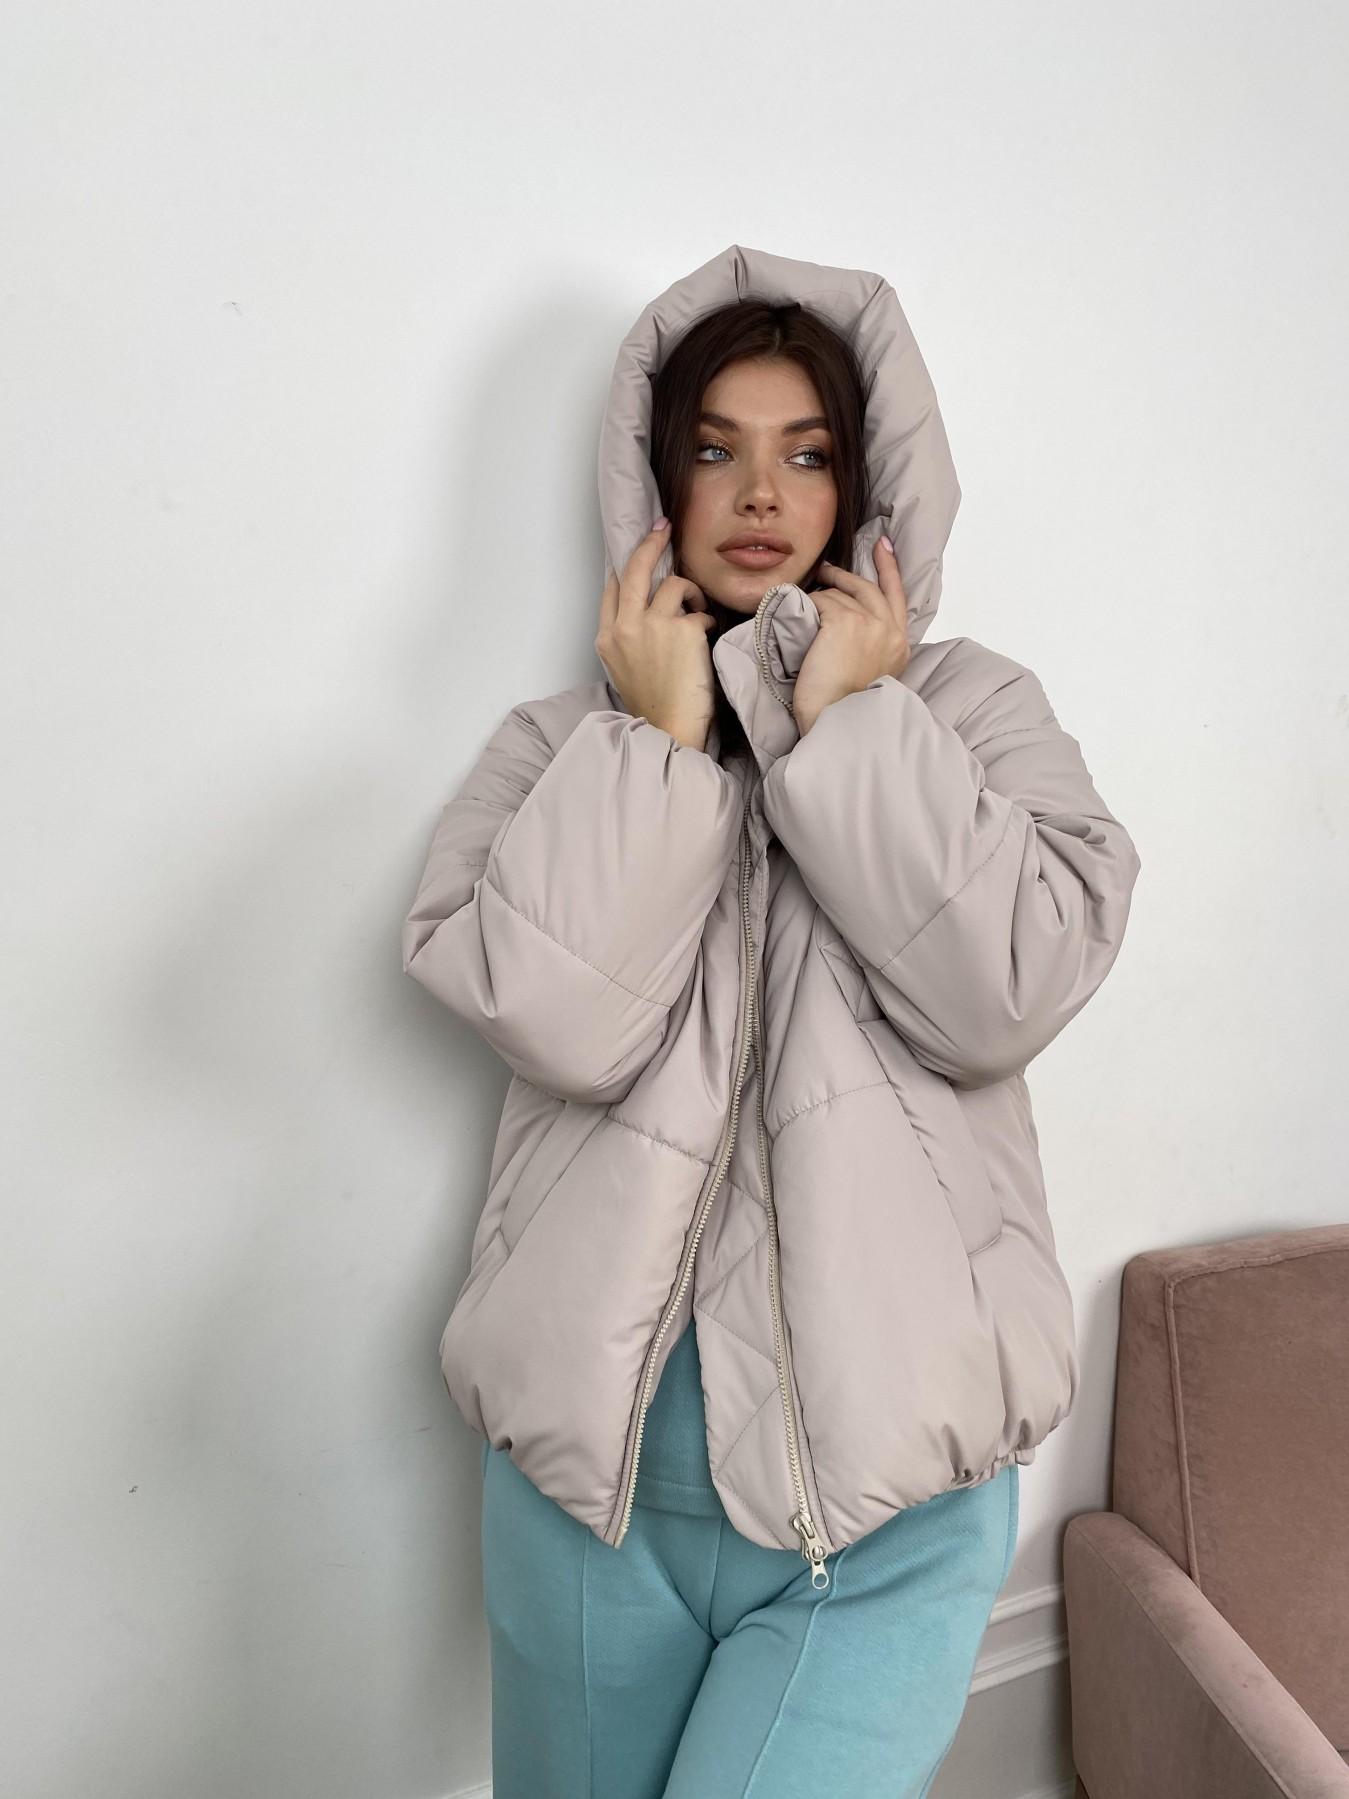 Нокс куртка из плащевой ткани 10535 АРТ. 46974 Цвет: Бежевый 511 - фото 3, интернет магазин tm-modus.ru